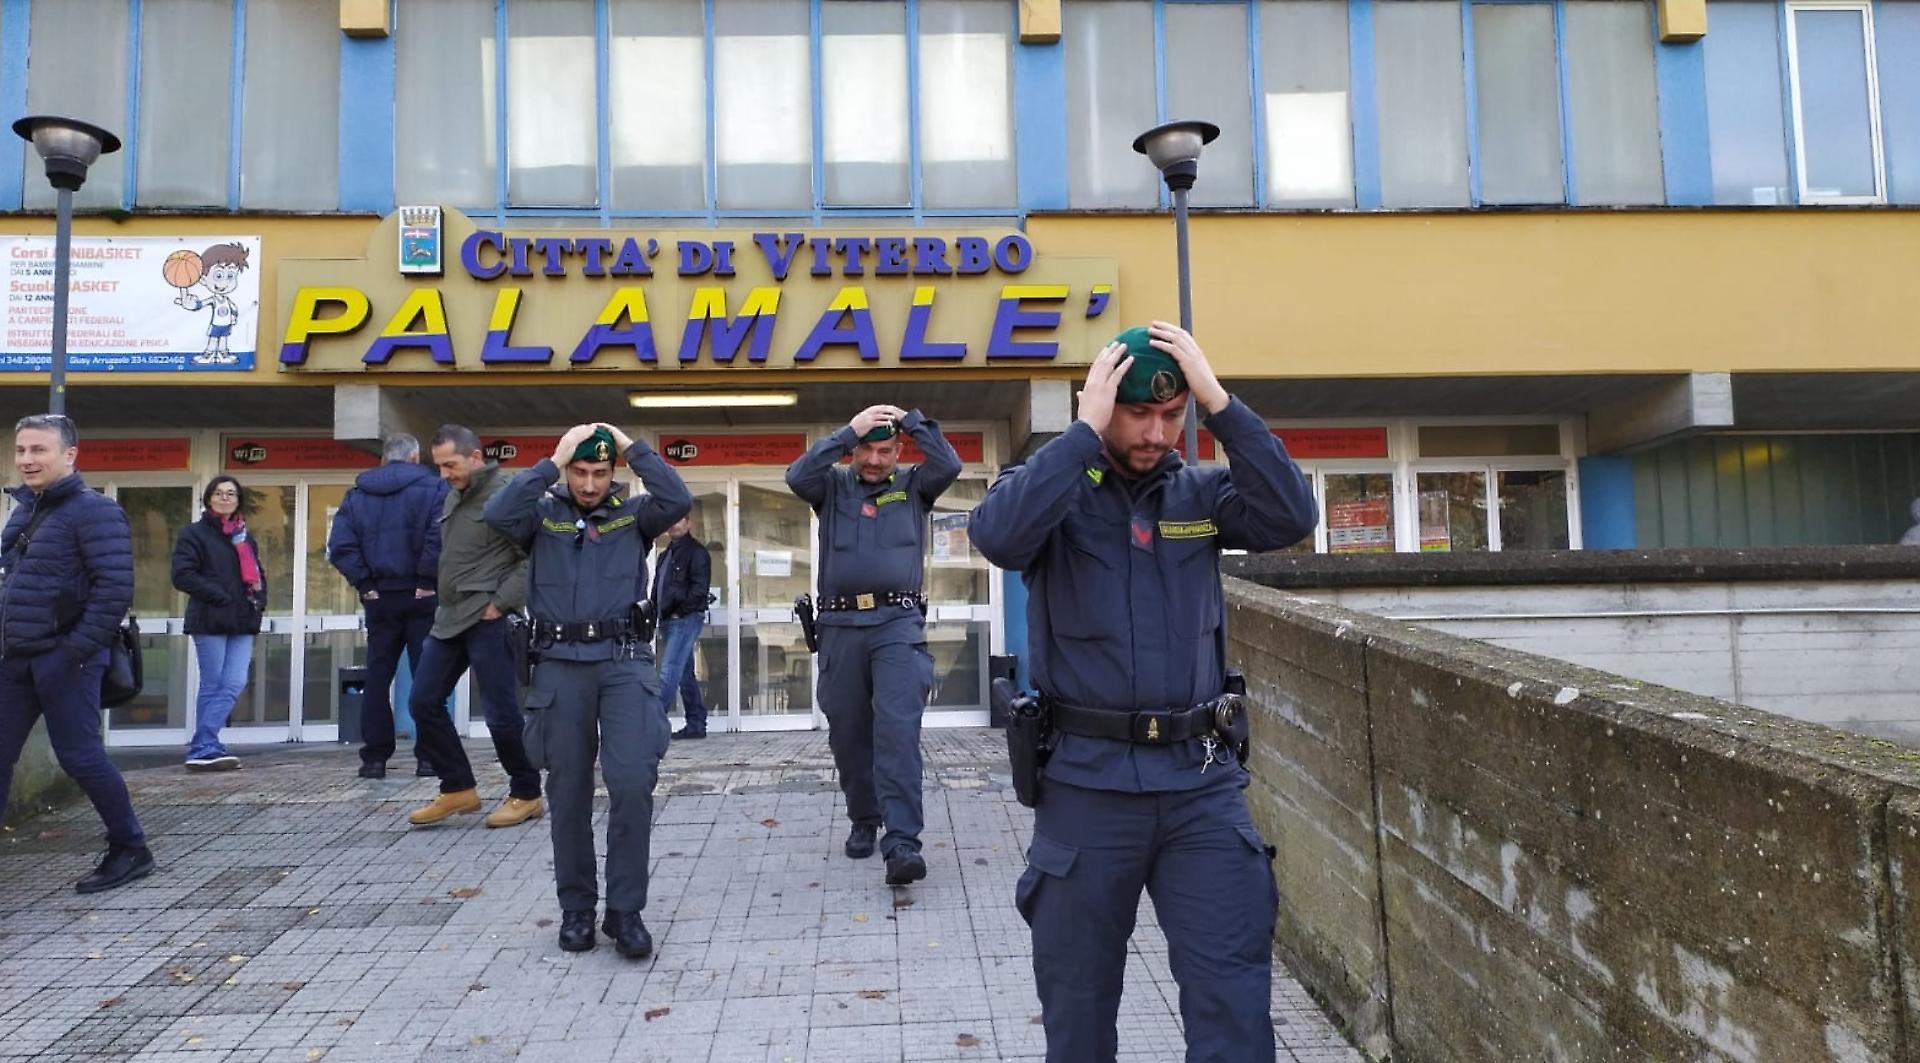 Viterbo-Concorso Vigili Urbani: inopportuna la conclusione forzata della prova, le giustificazioni del comandante dei vigili e del comune non convincono e rafforzano i dubbi